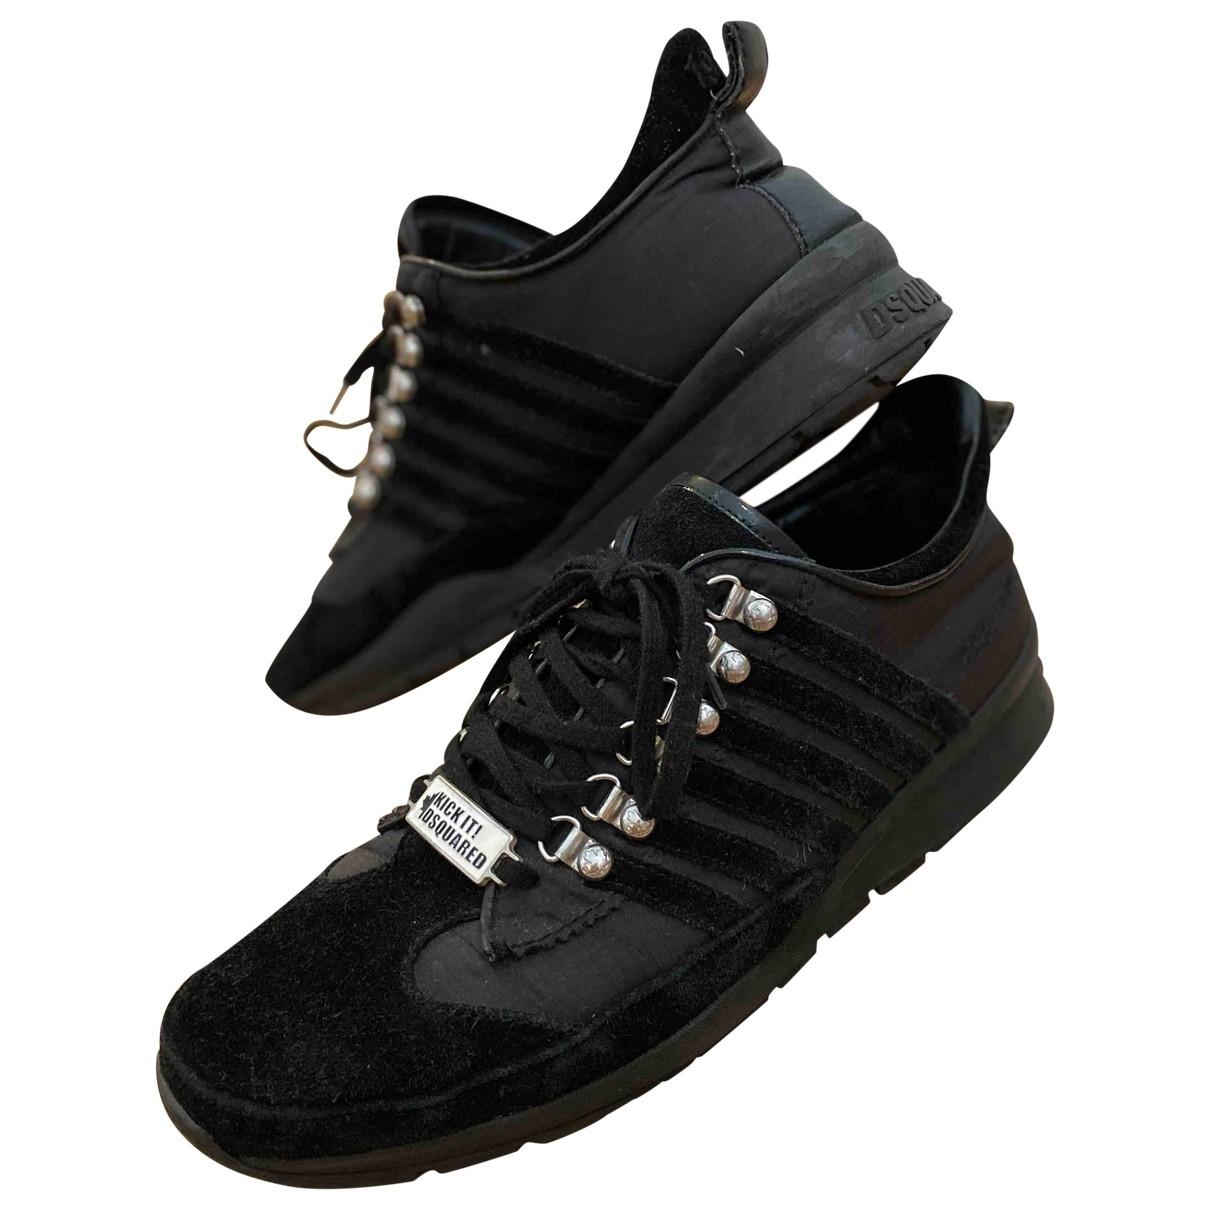 Dsquared2 - Baskets New Runner pour homme en cuir - noir